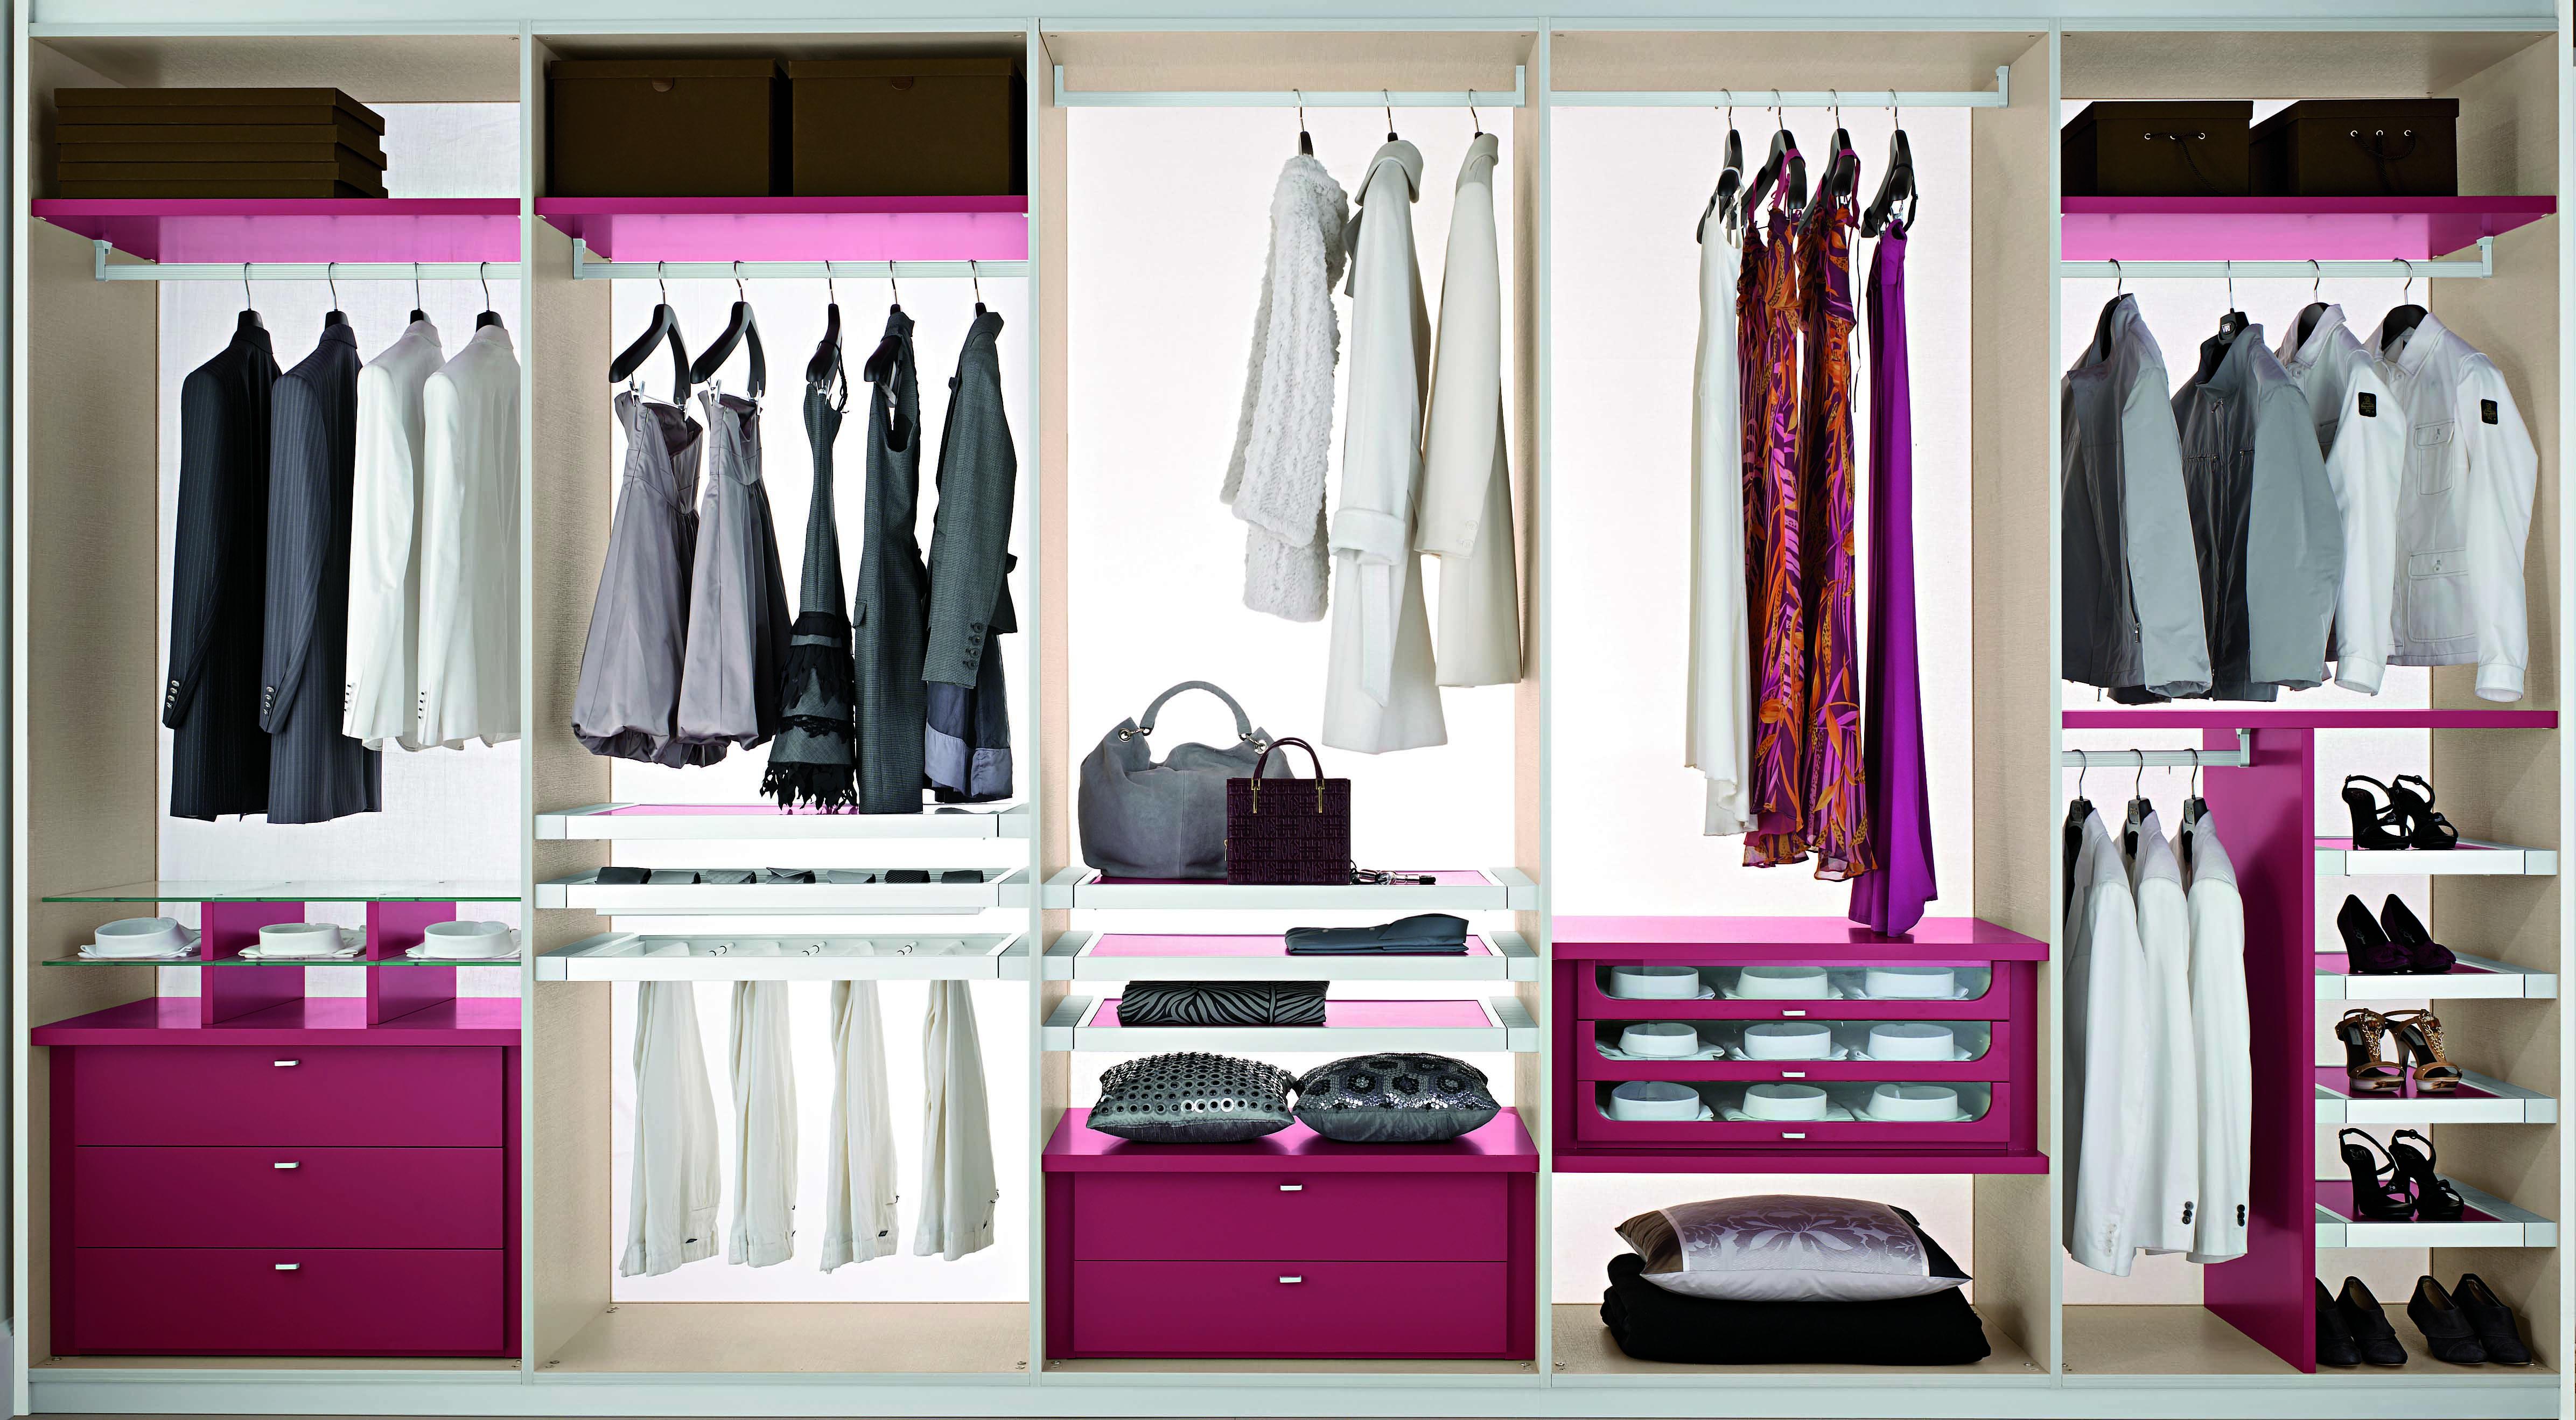 Armadio a muro idee e consigli per sfruttare nicchie nel - I mobili nel guardaroba ...